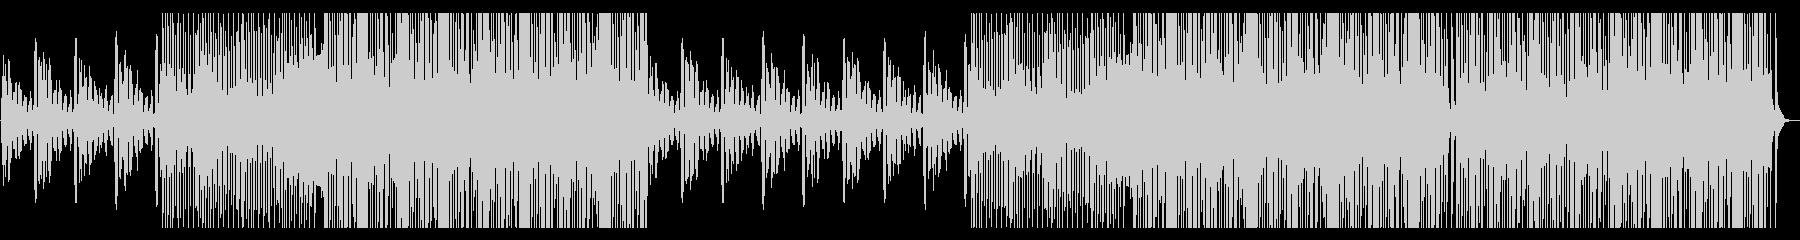 シンプル/ハウス2_No403の未再生の波形